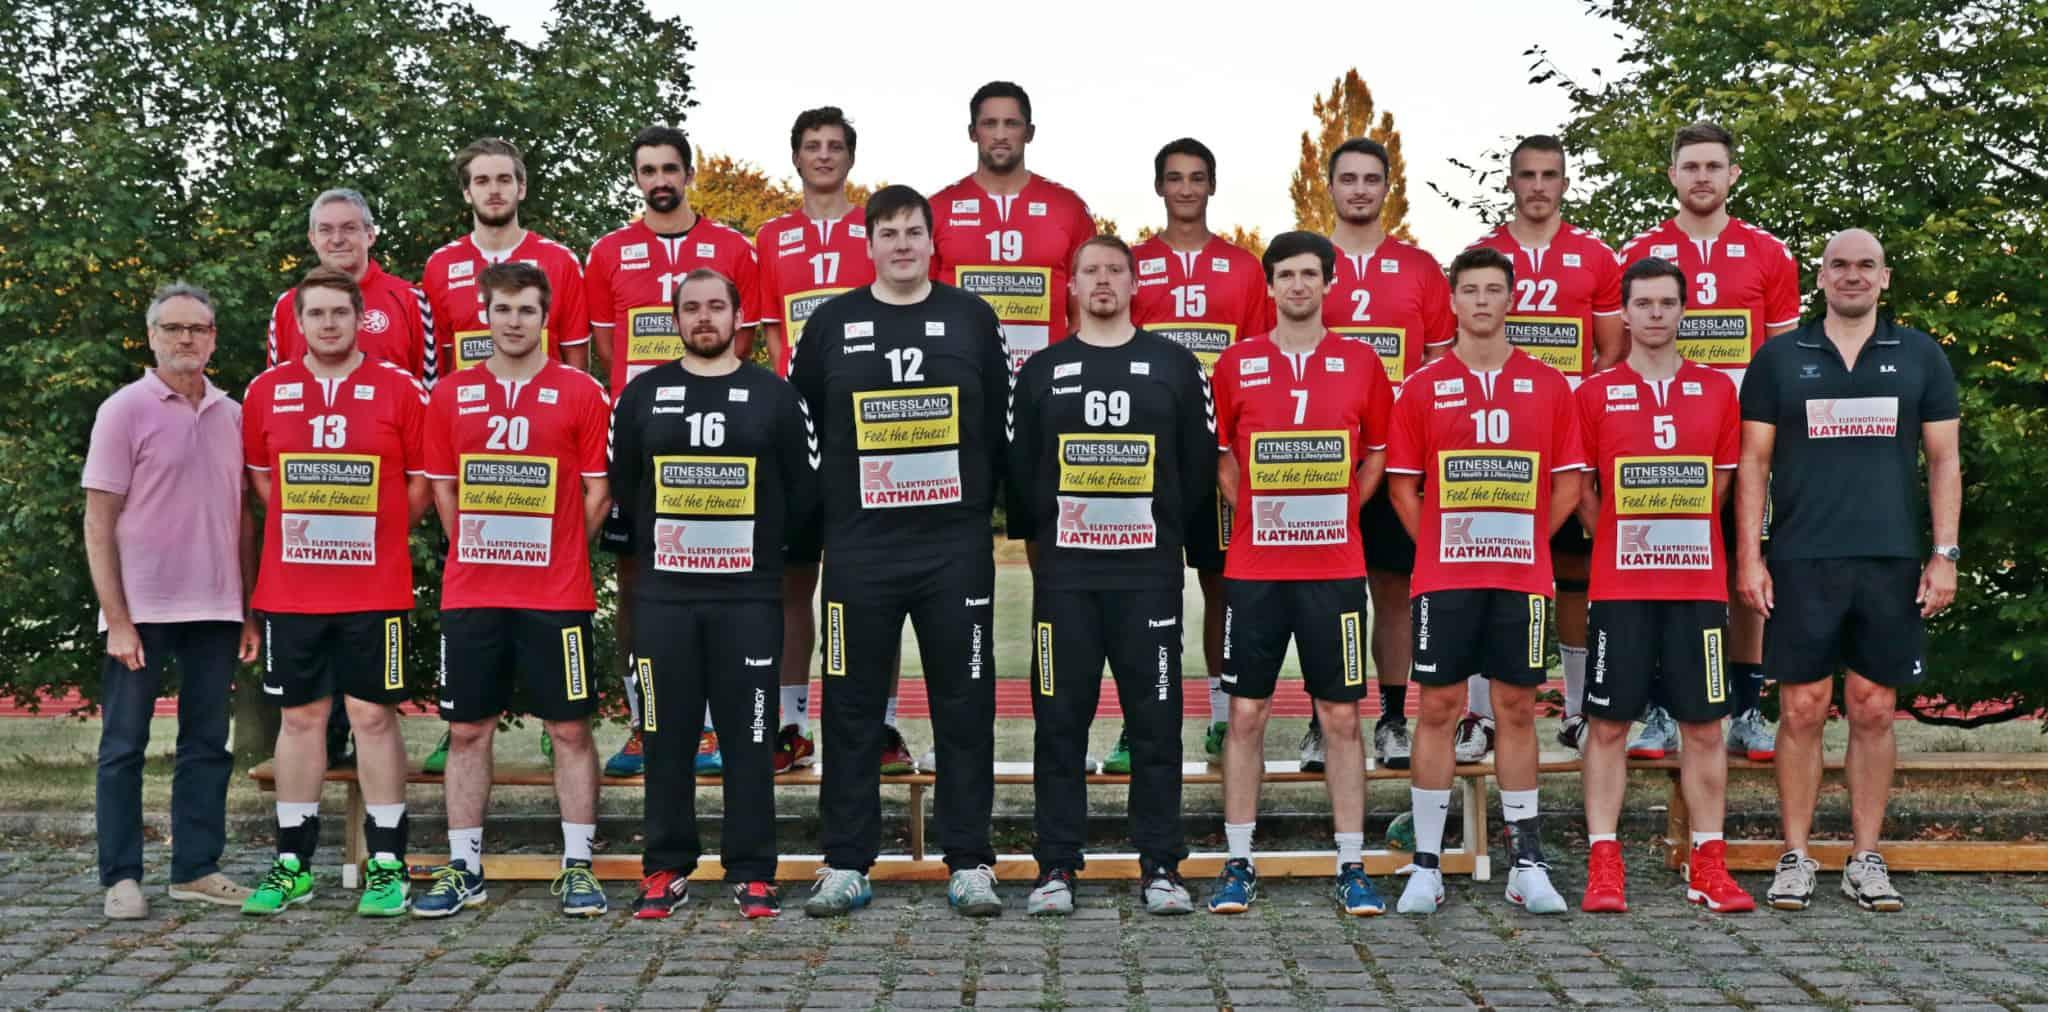 Aktuelles Manschaftsfoto der 1. Herren Saison 16/17 3.Liga